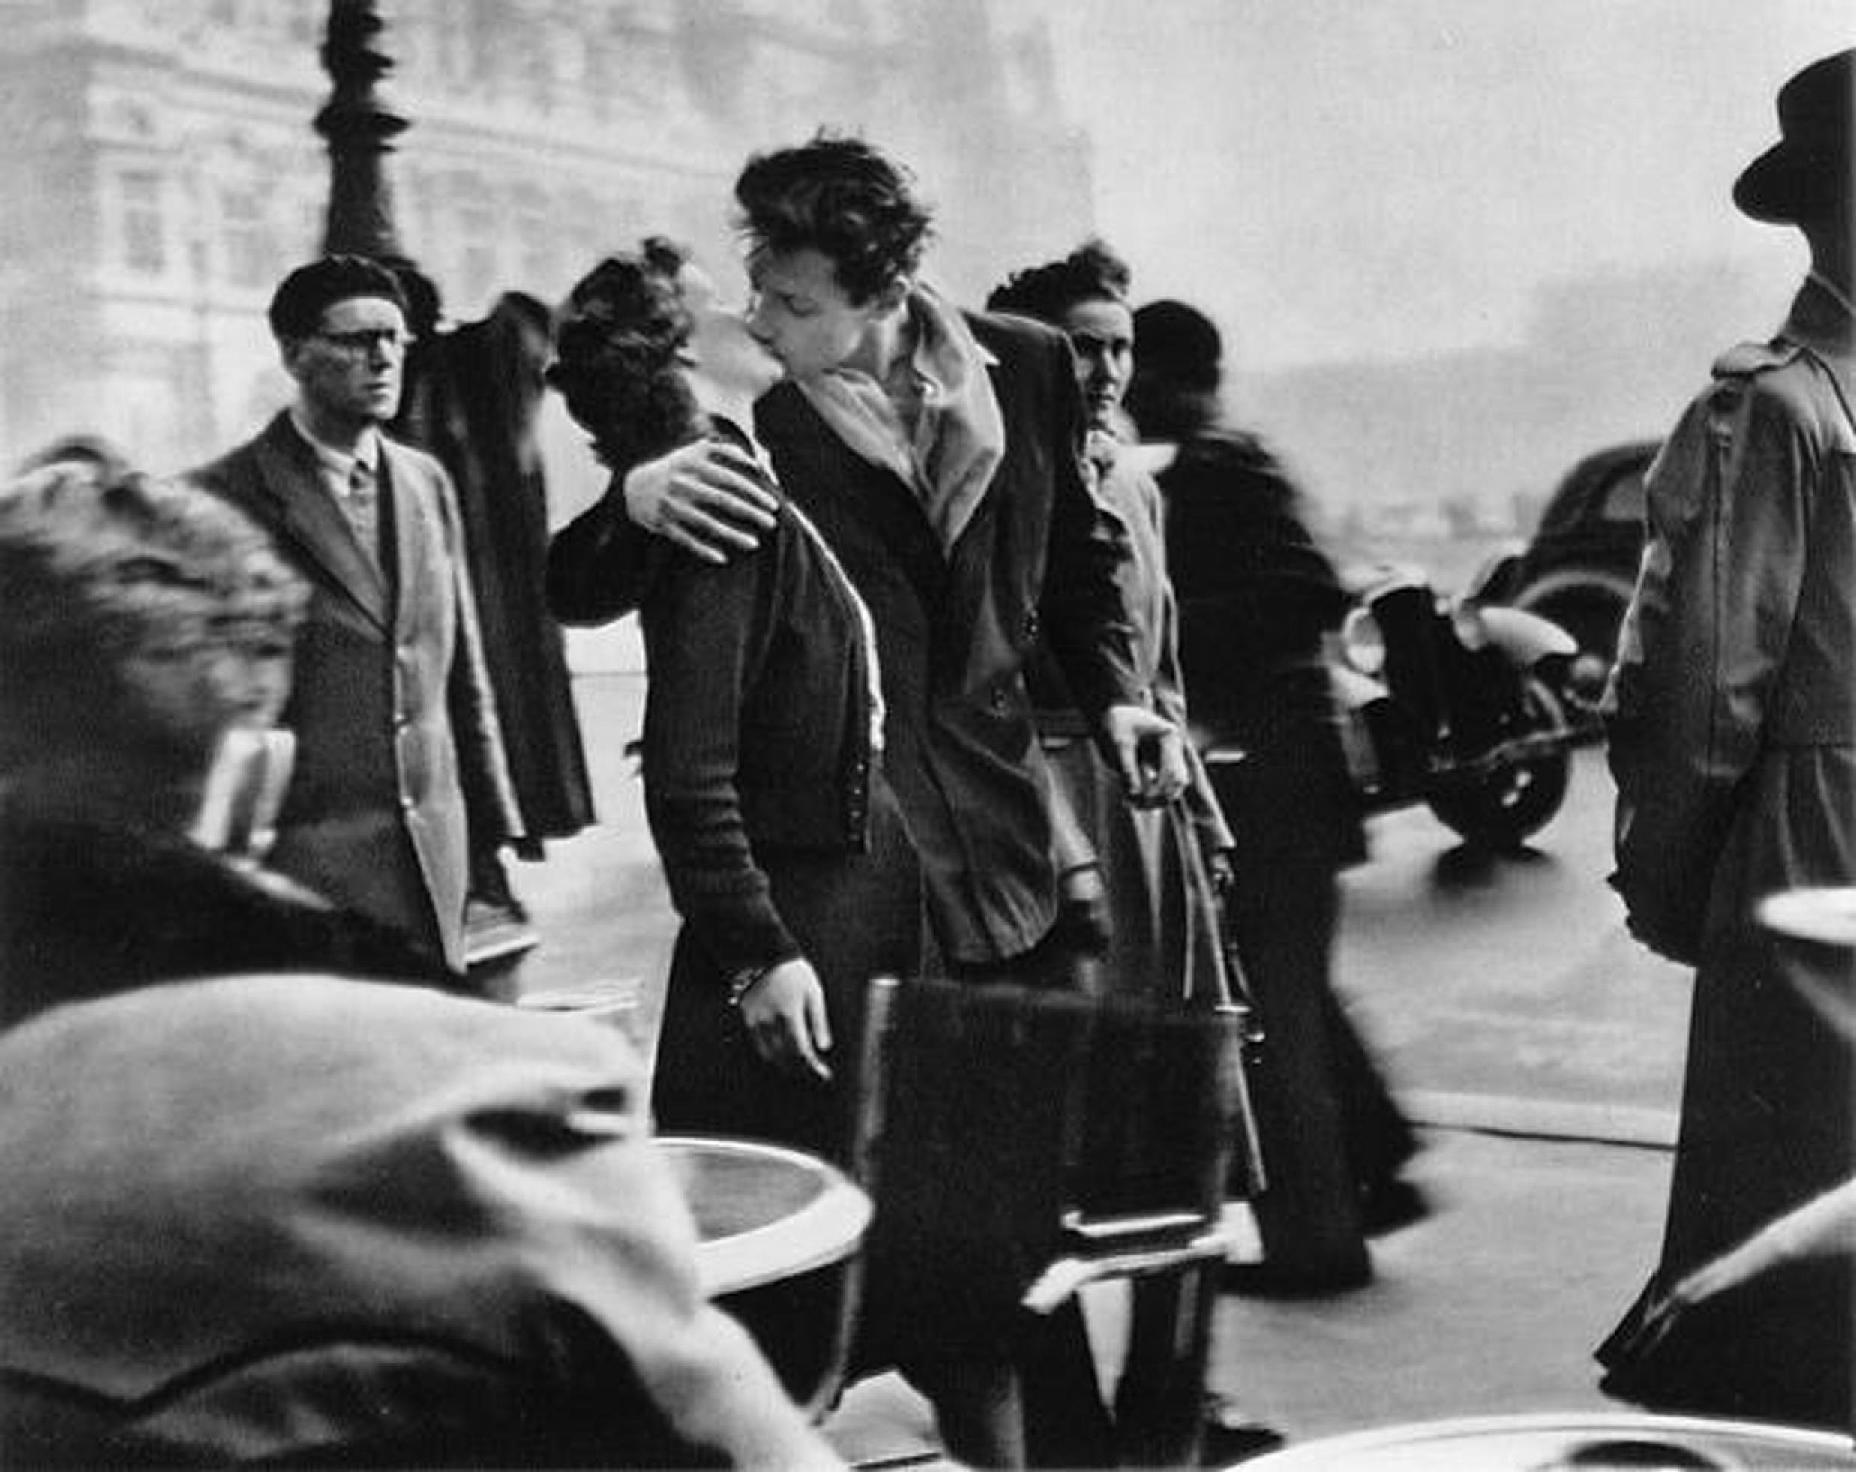 Le baiser de l'Hotel de Ville - Robert Doisneau